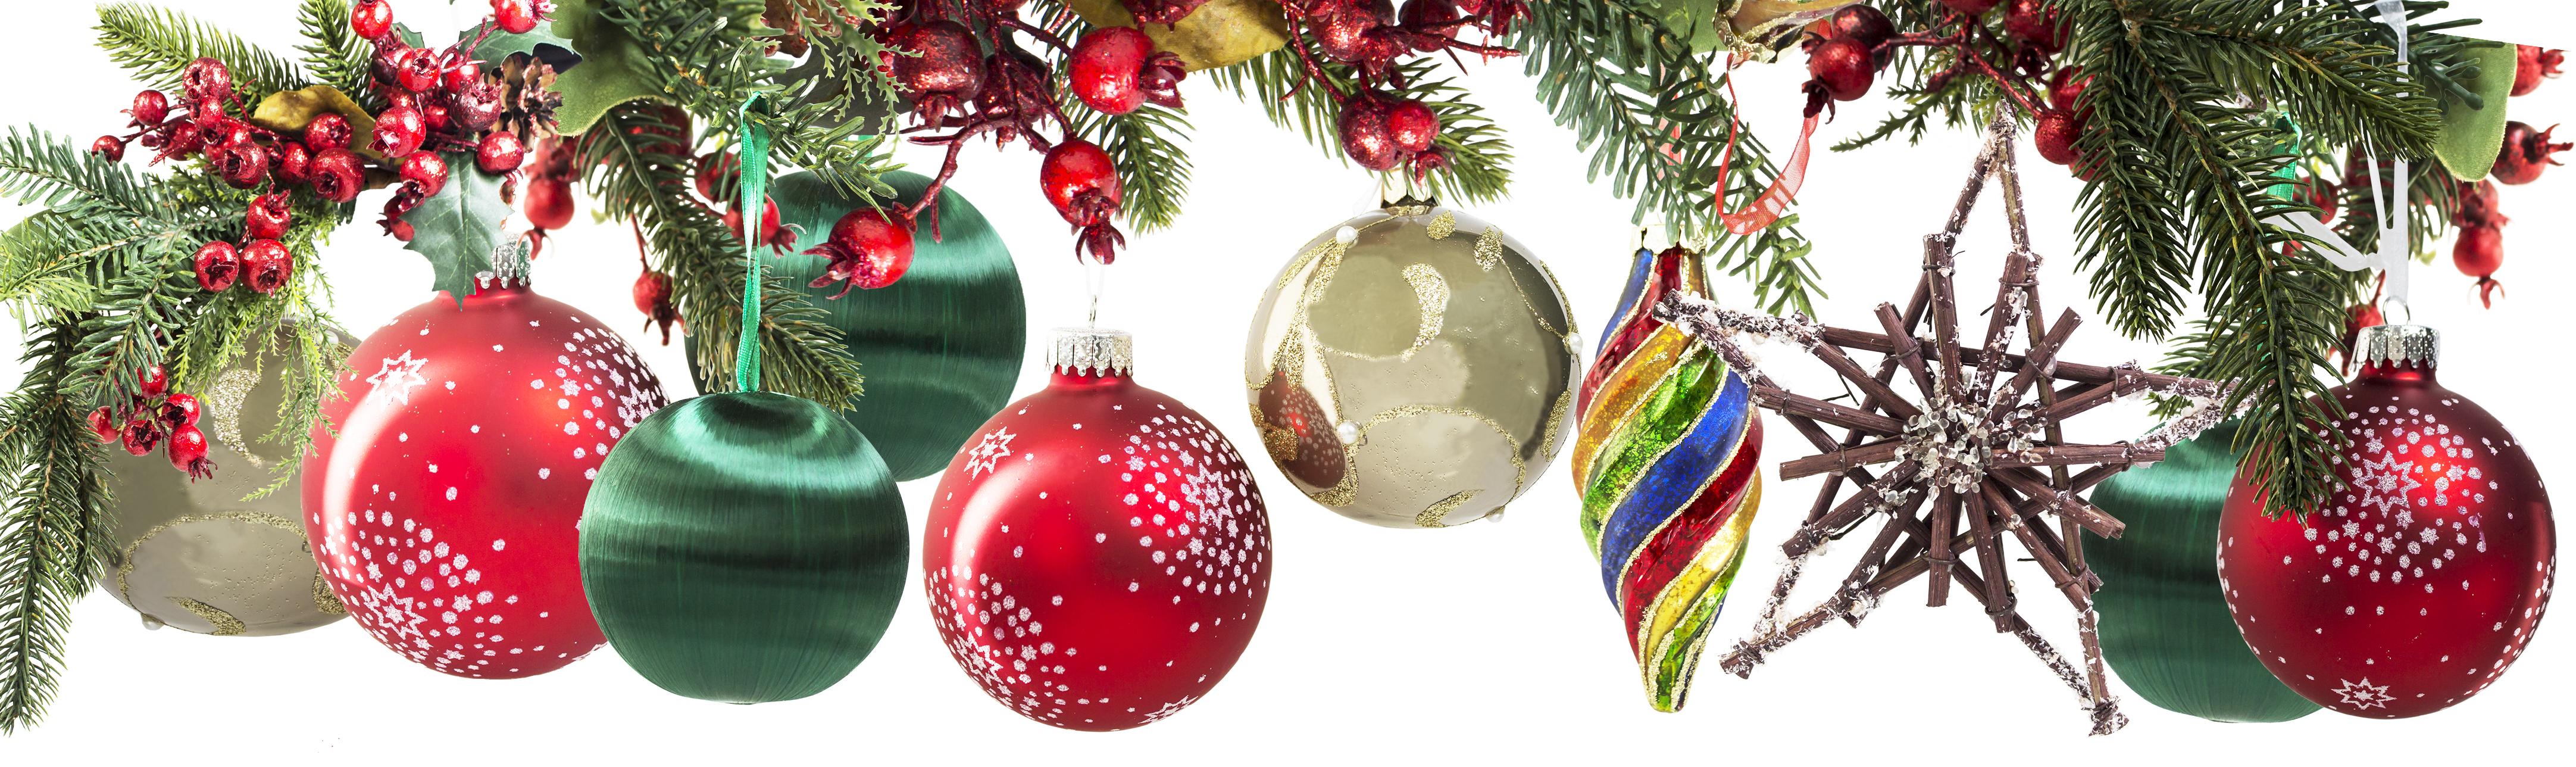 christmas-banner-baubles.jpg